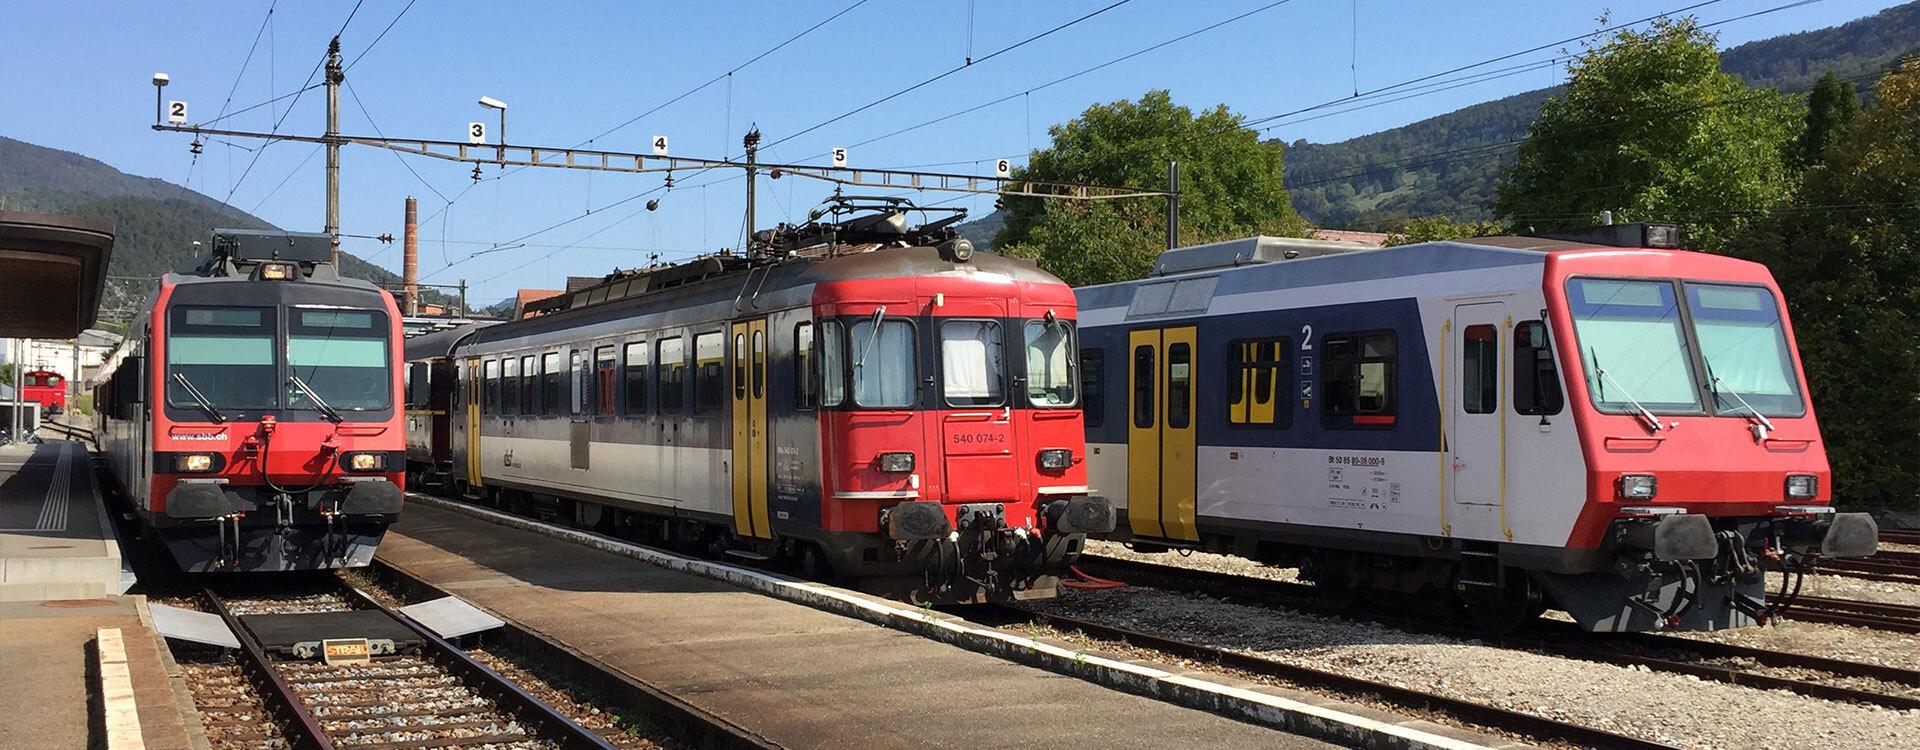 Parkplätze - Oensingen-Balsthal-Bahn AG